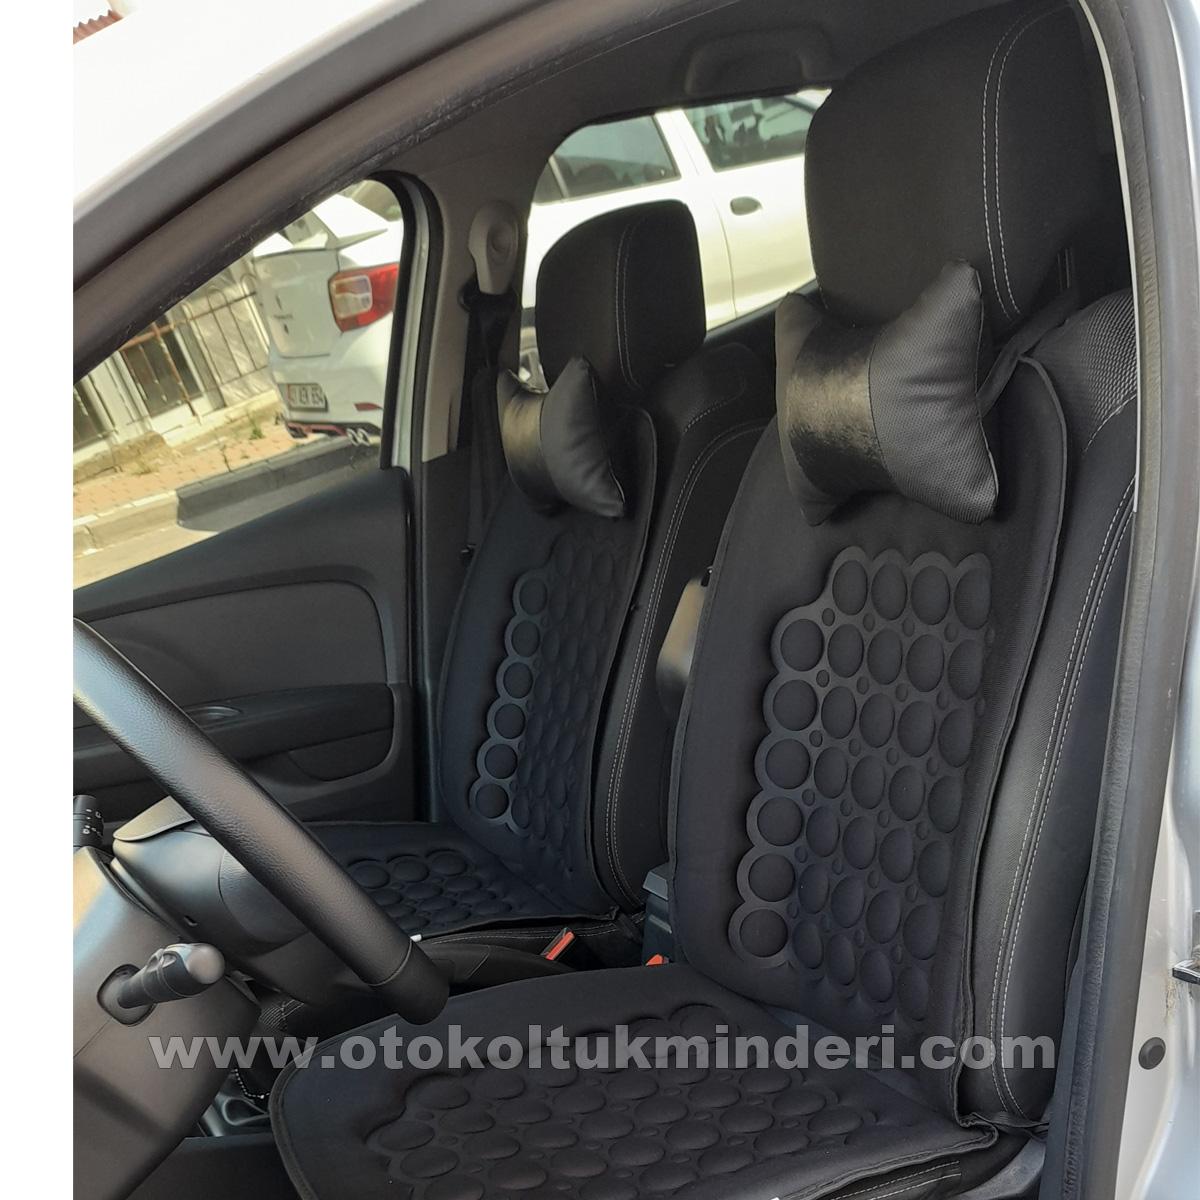 Mercedes koltuk minderi - Mercedes uyumlu koltuk minderi